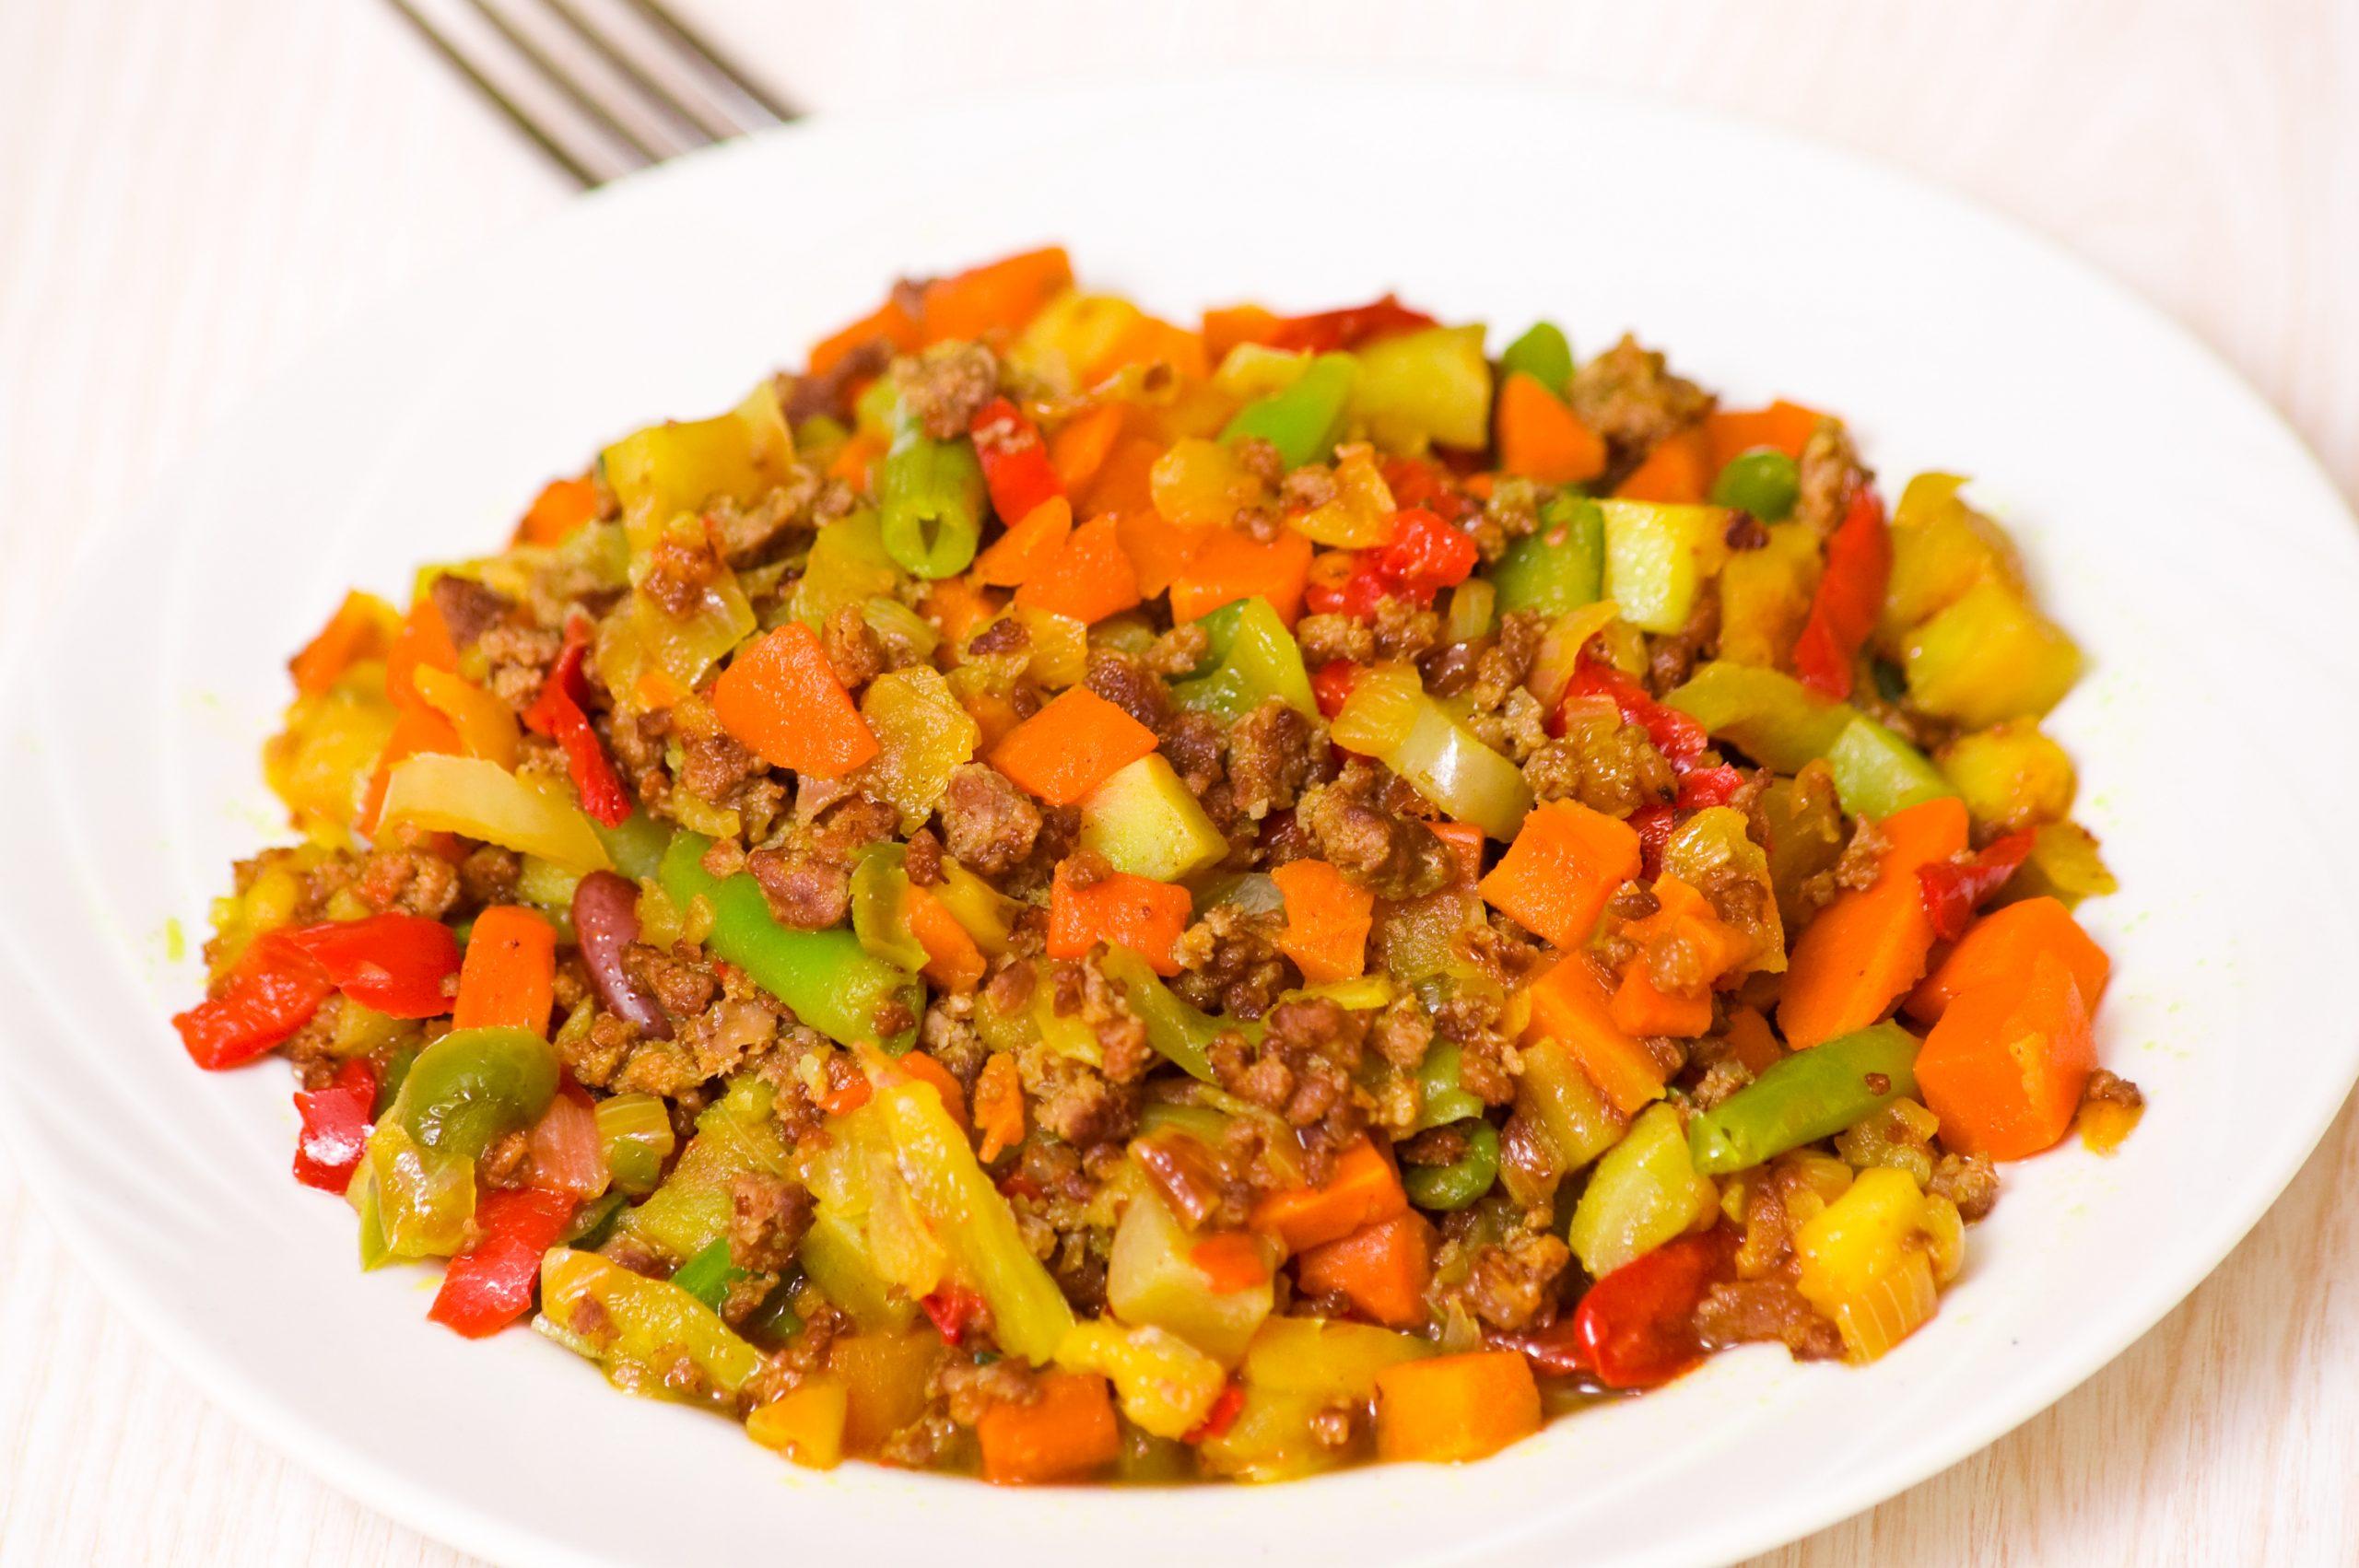 hackfleischpfanne-mit-moehren-brechbohnen-kidneybohnen-paprika-und-kartoffeln